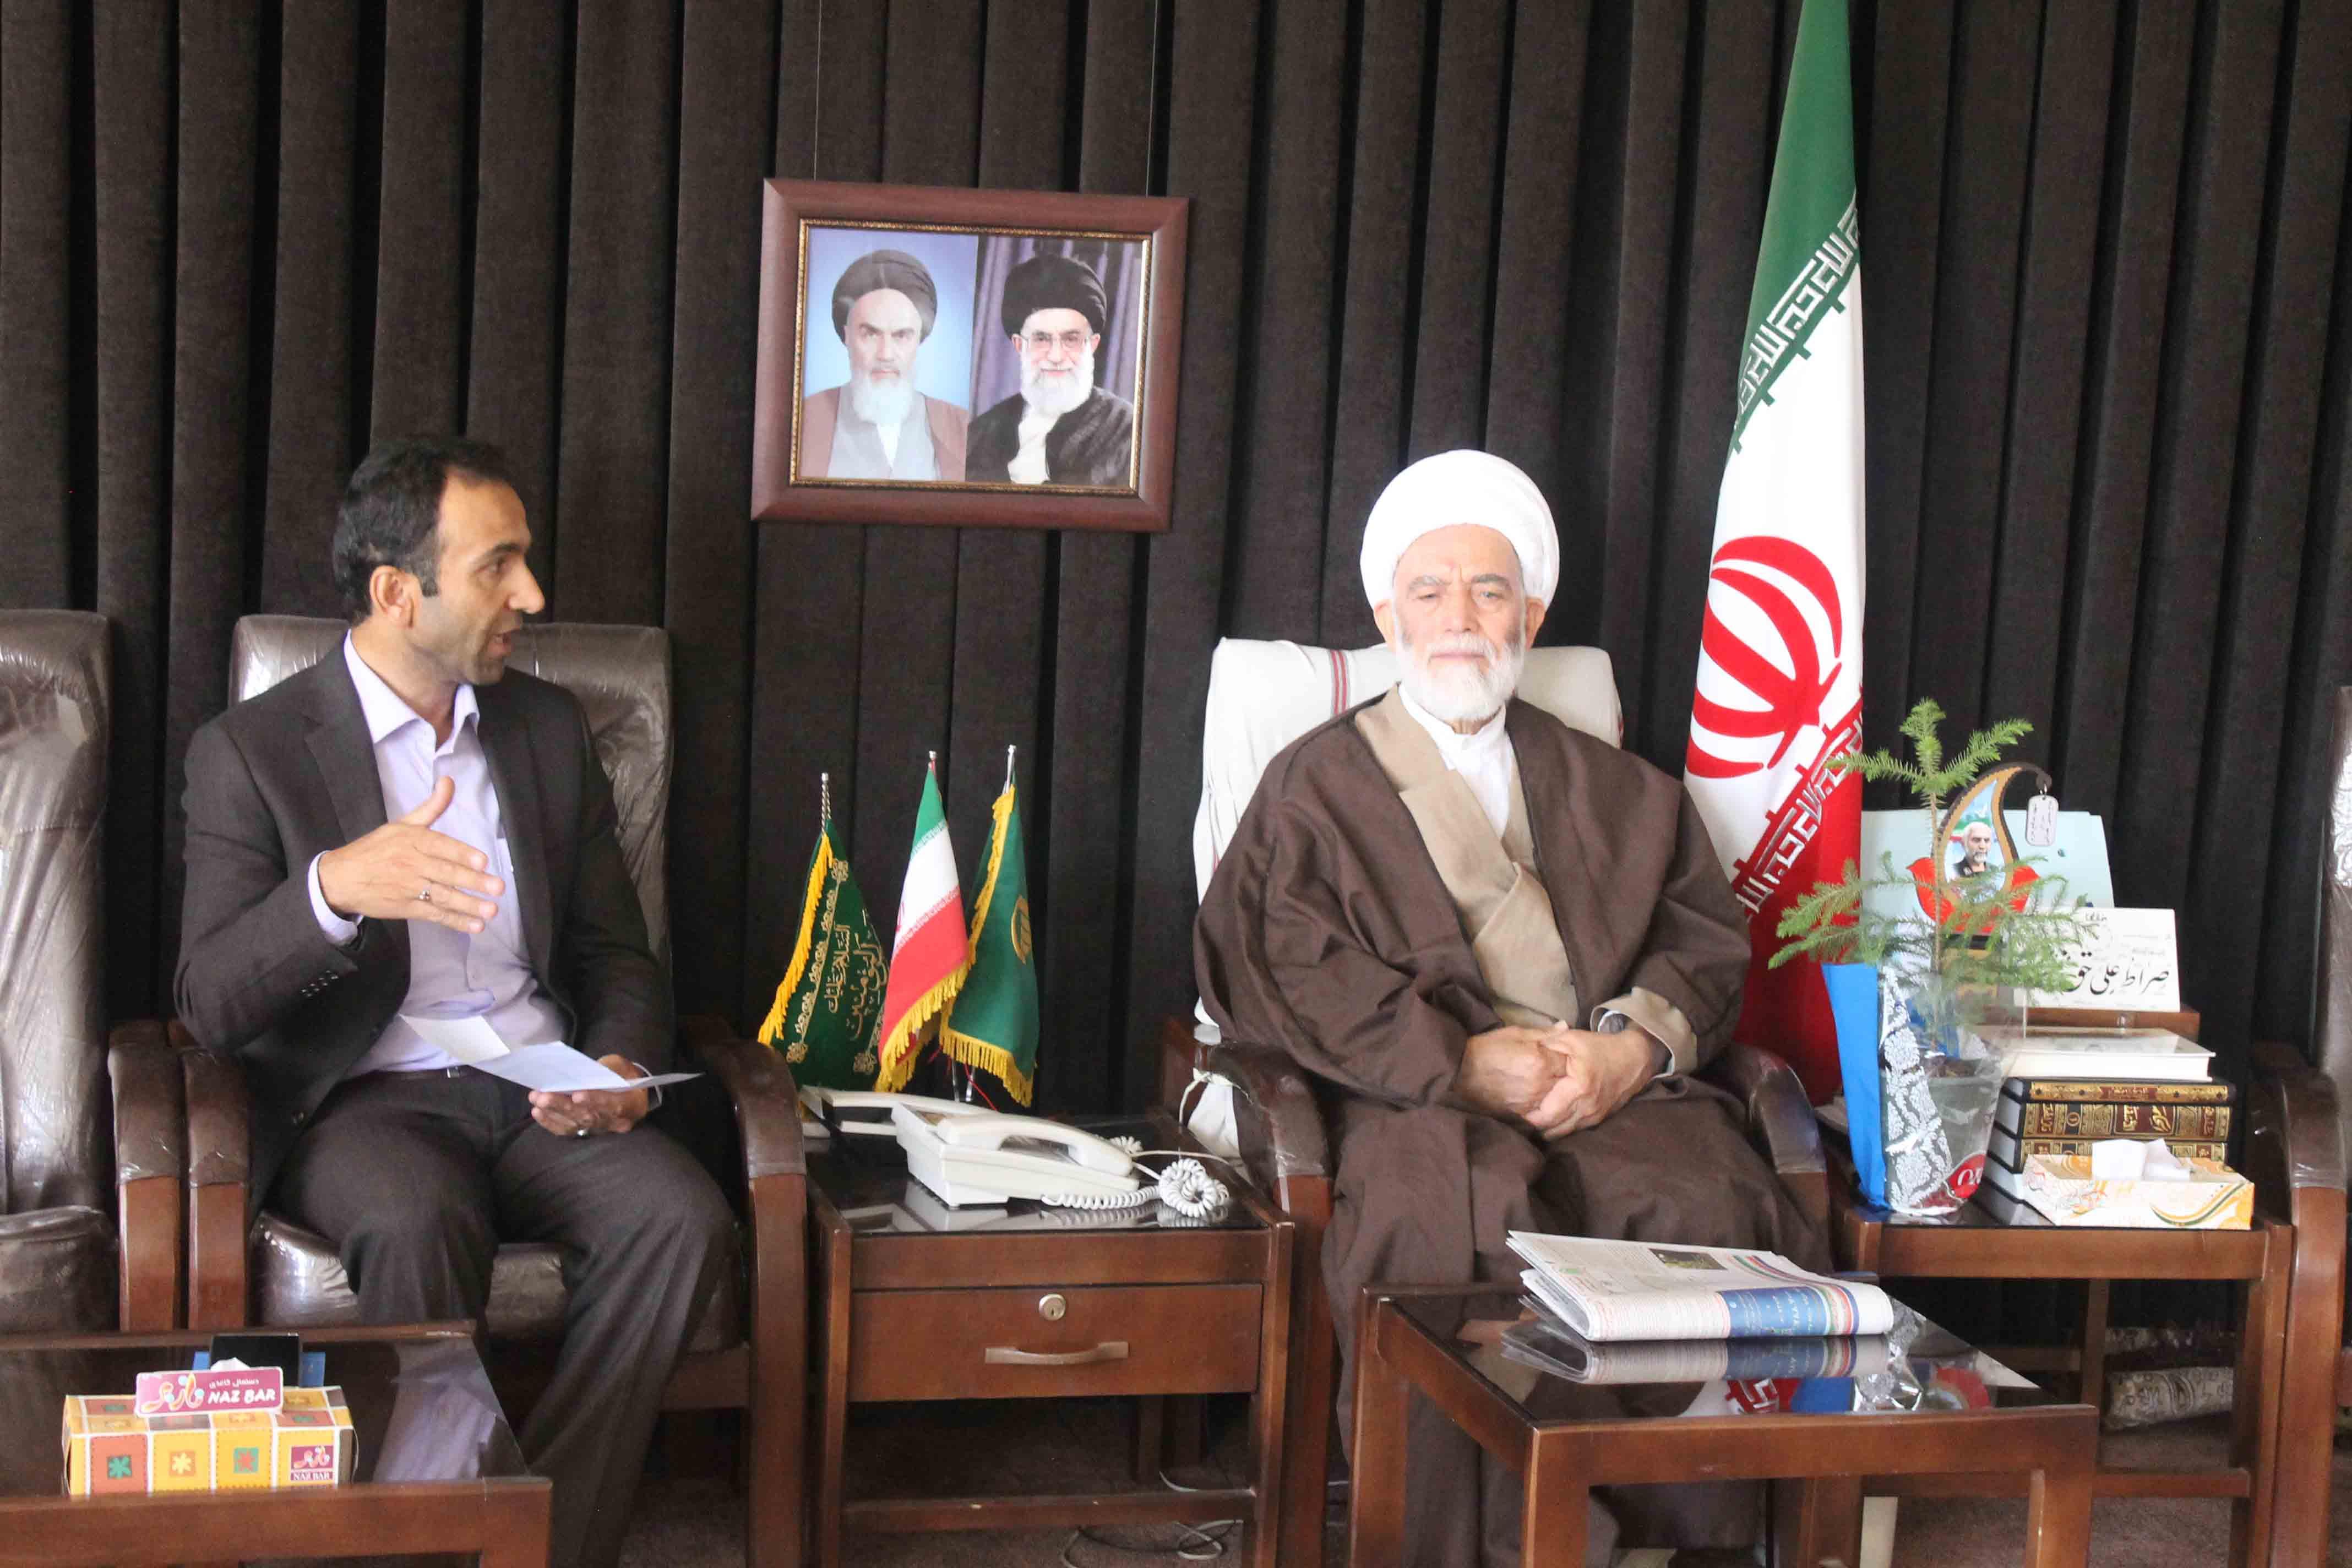 دیدار مدیران محیط زیست استان همدان با آیت الله طه محمدی